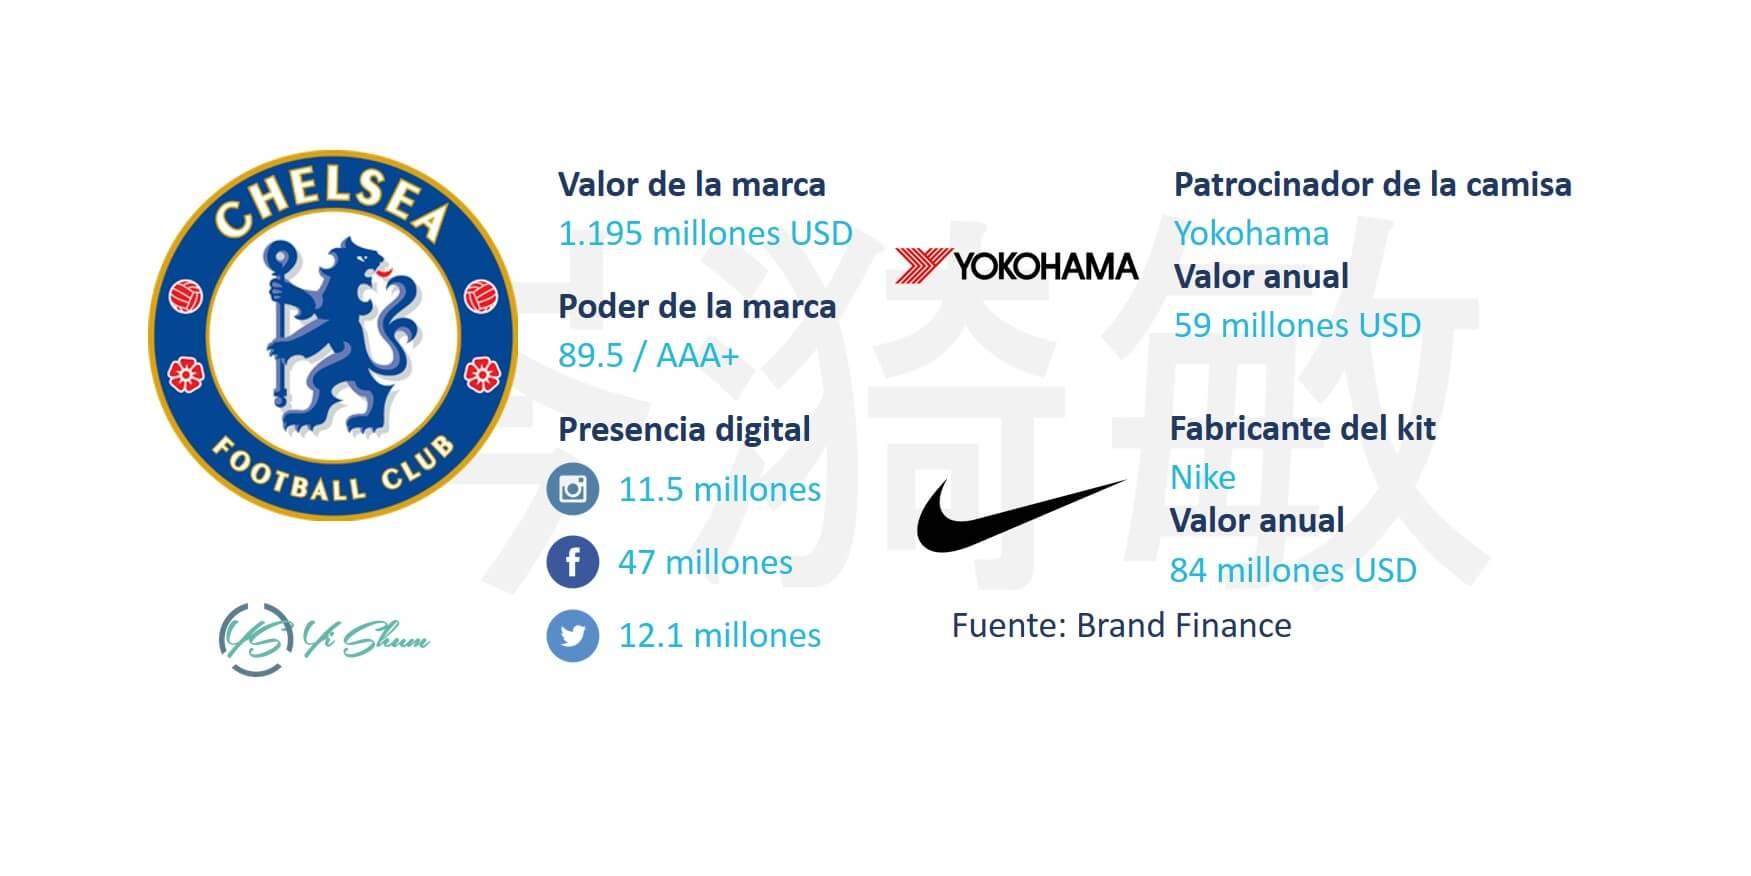 Chelsea FC - Ficha técnica